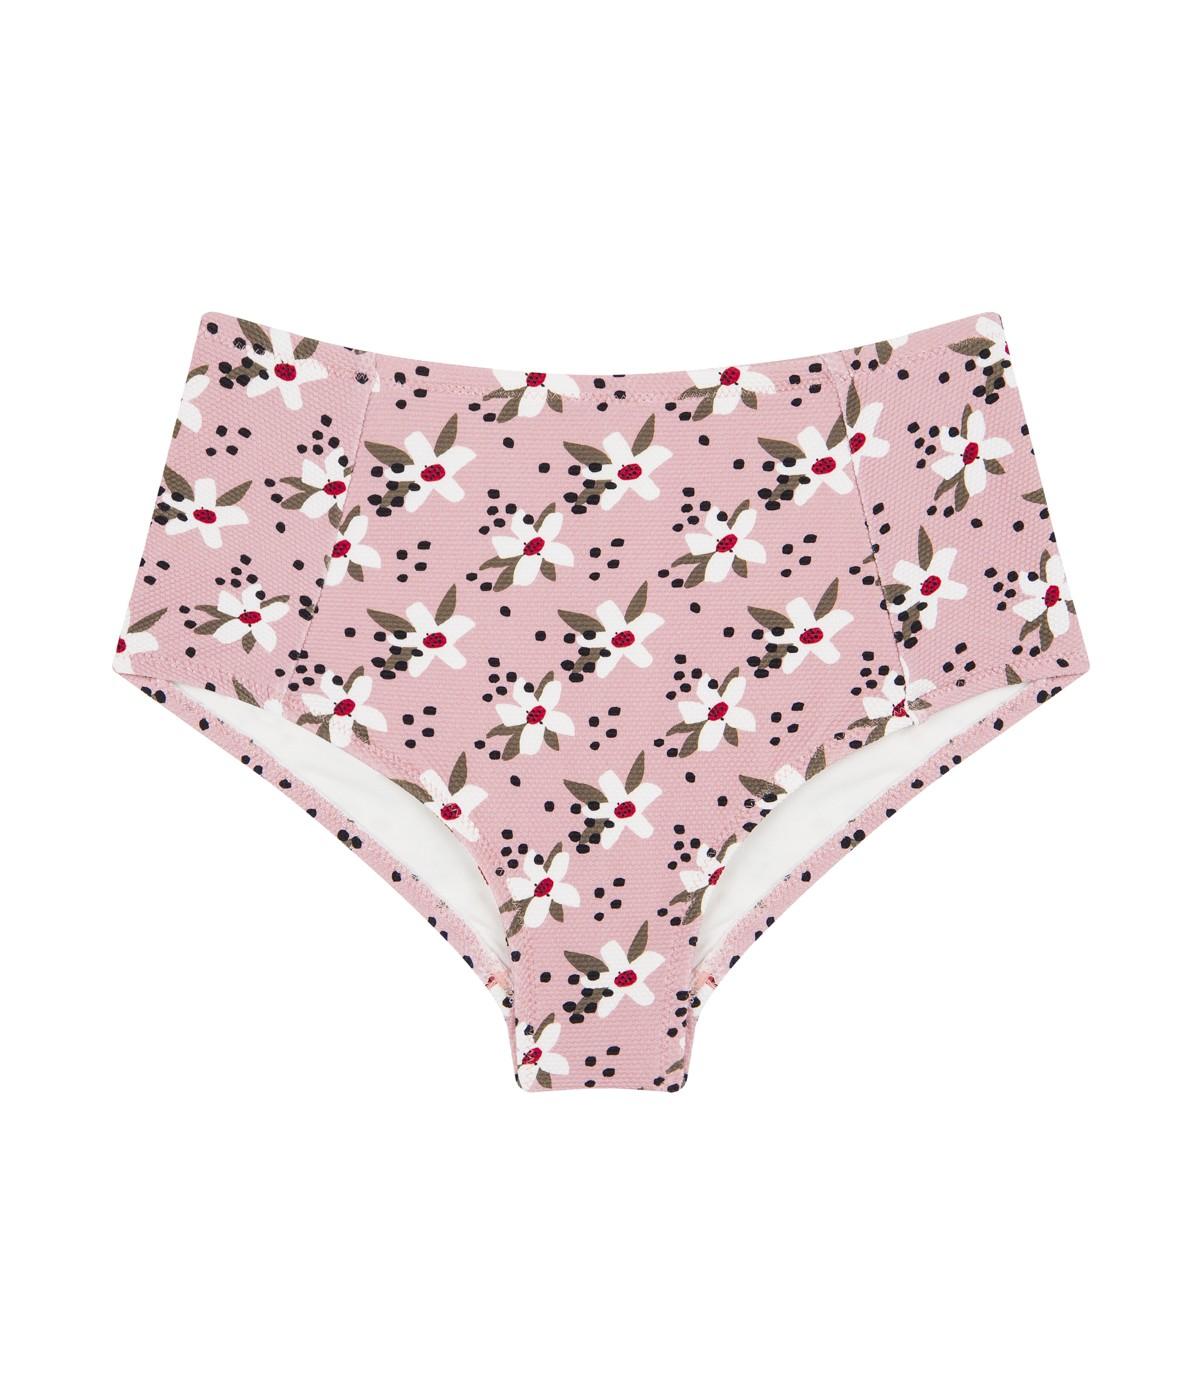 Beverly High Fashion Bikini Bottom